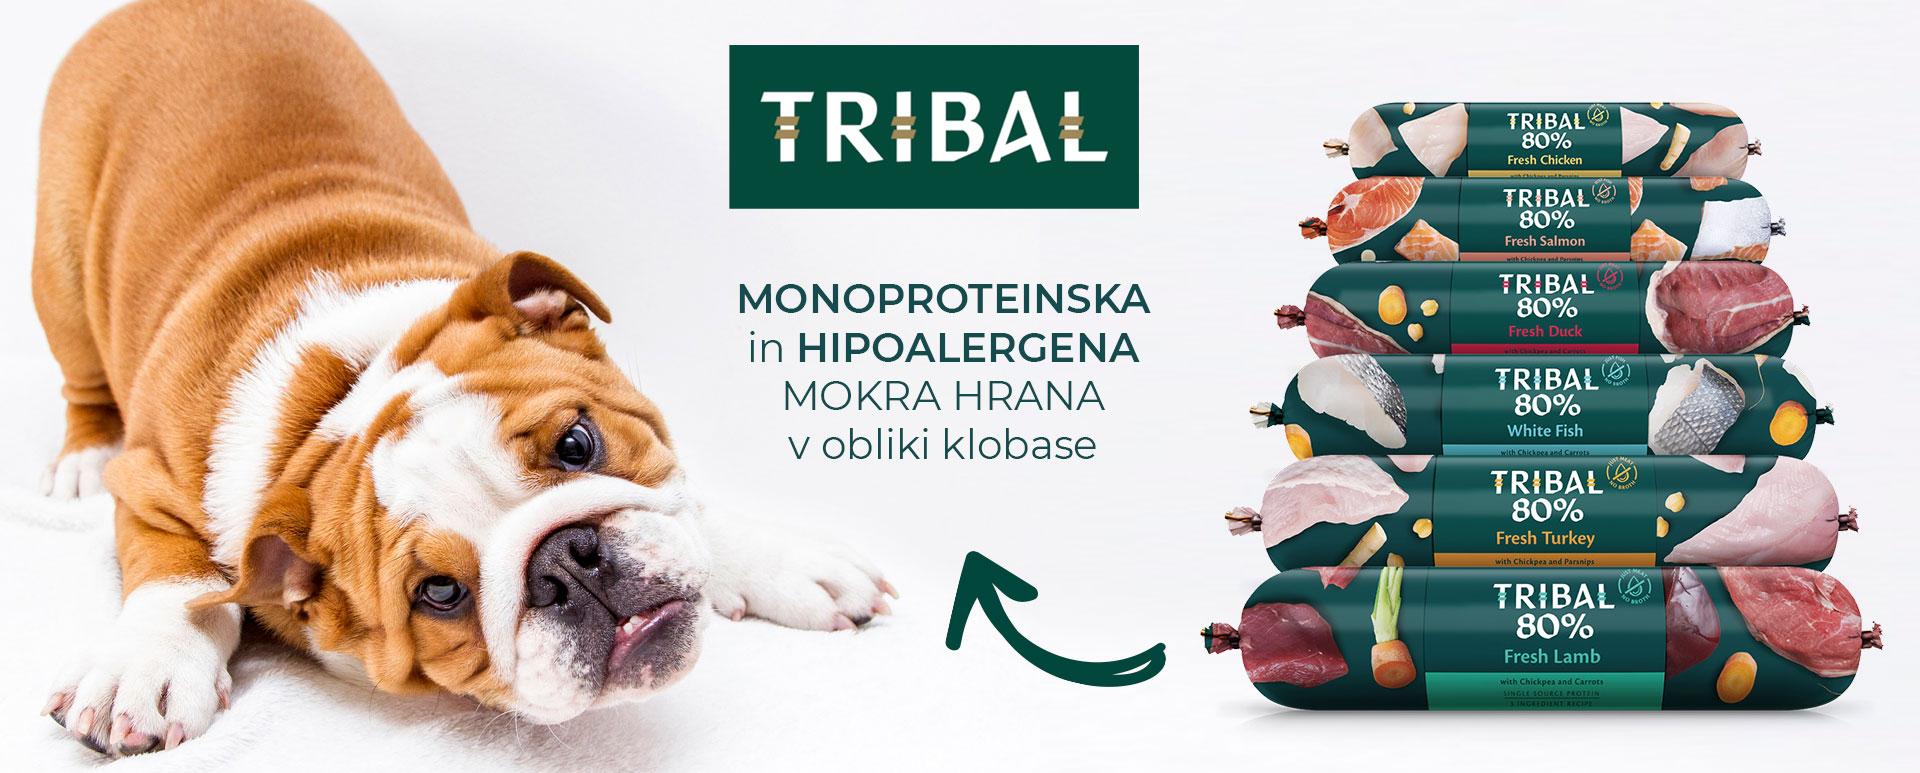 Tribal priboljški